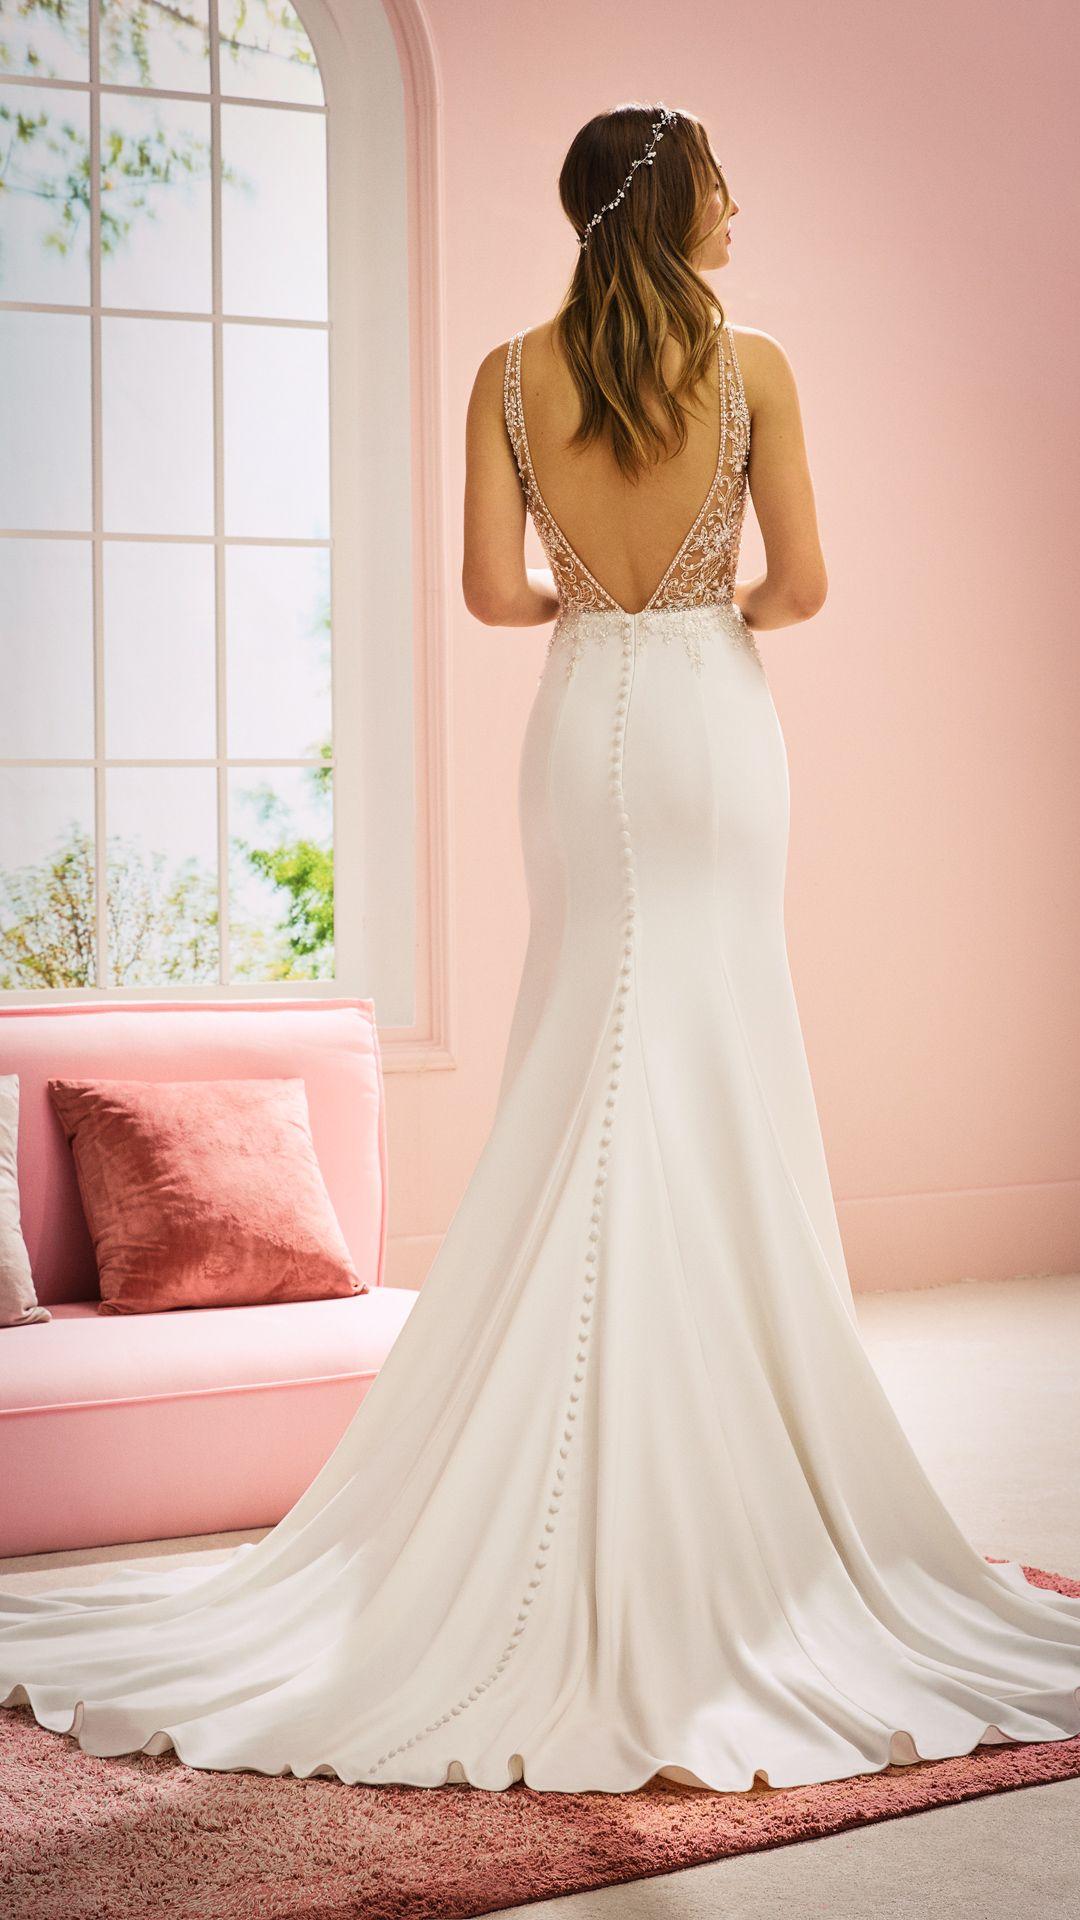 Hochzeitskleider 10 White One Kollektion Modell: KYLIE-C